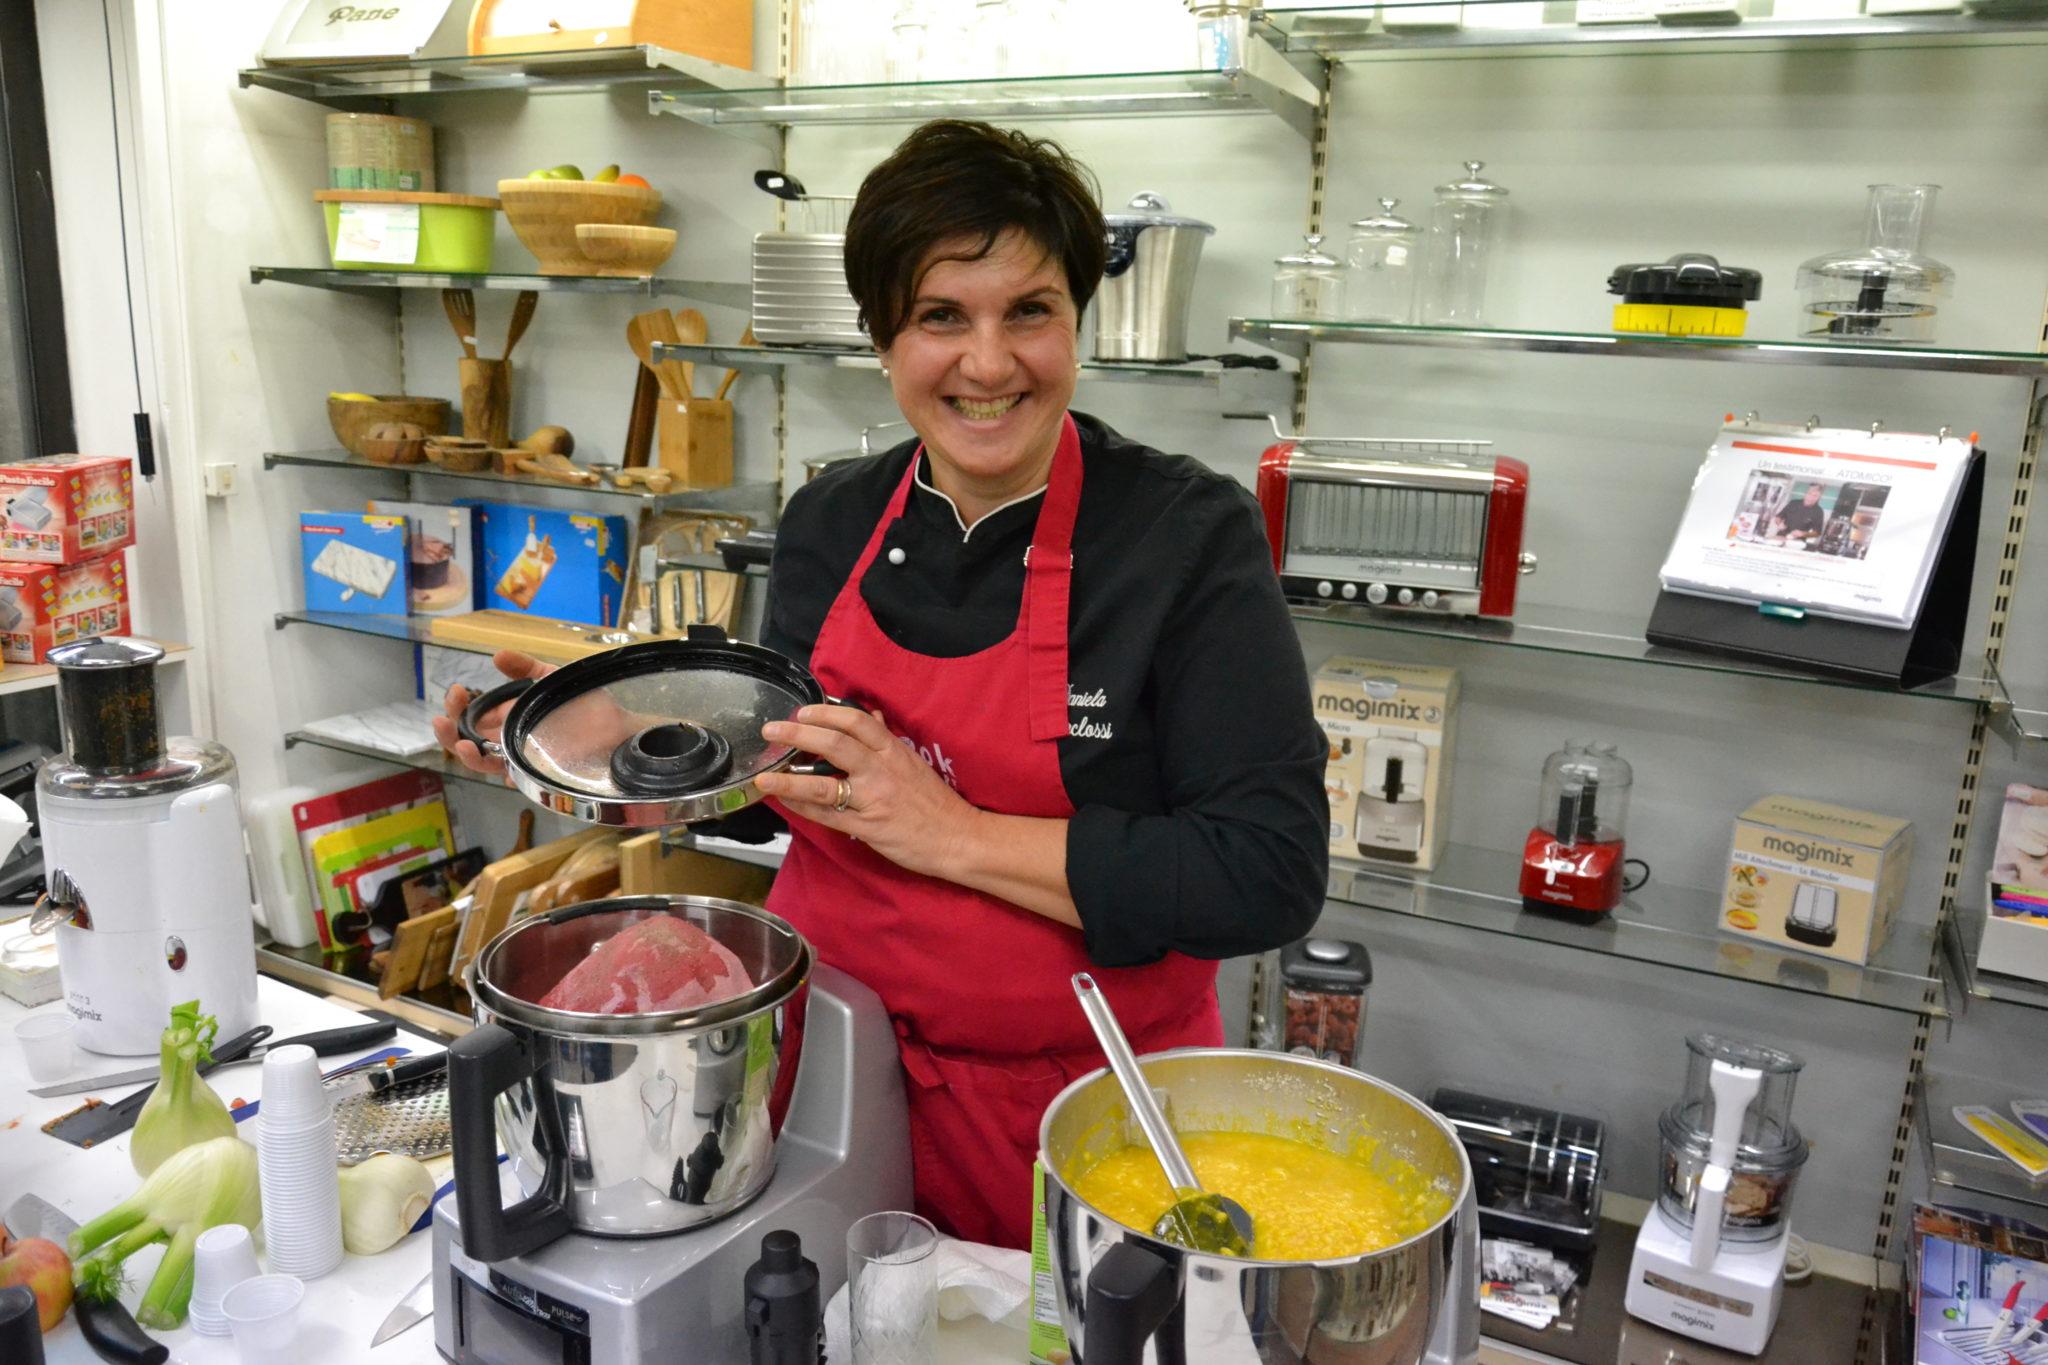 Chef Daniela Menclossi & Magimix